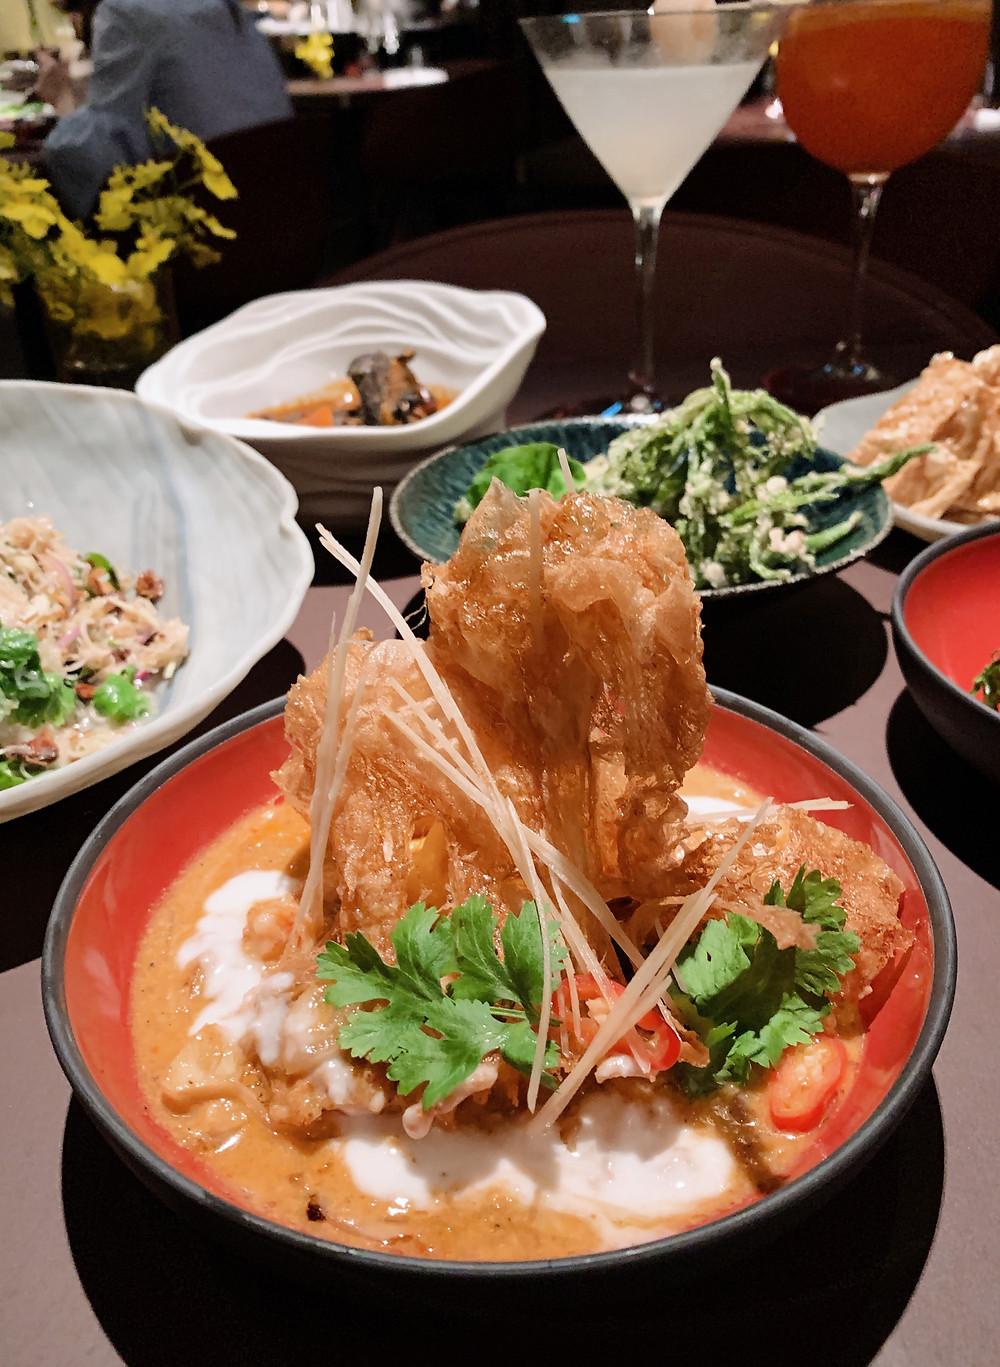 Food at Aaharn Thai restaurant in Hong Kong